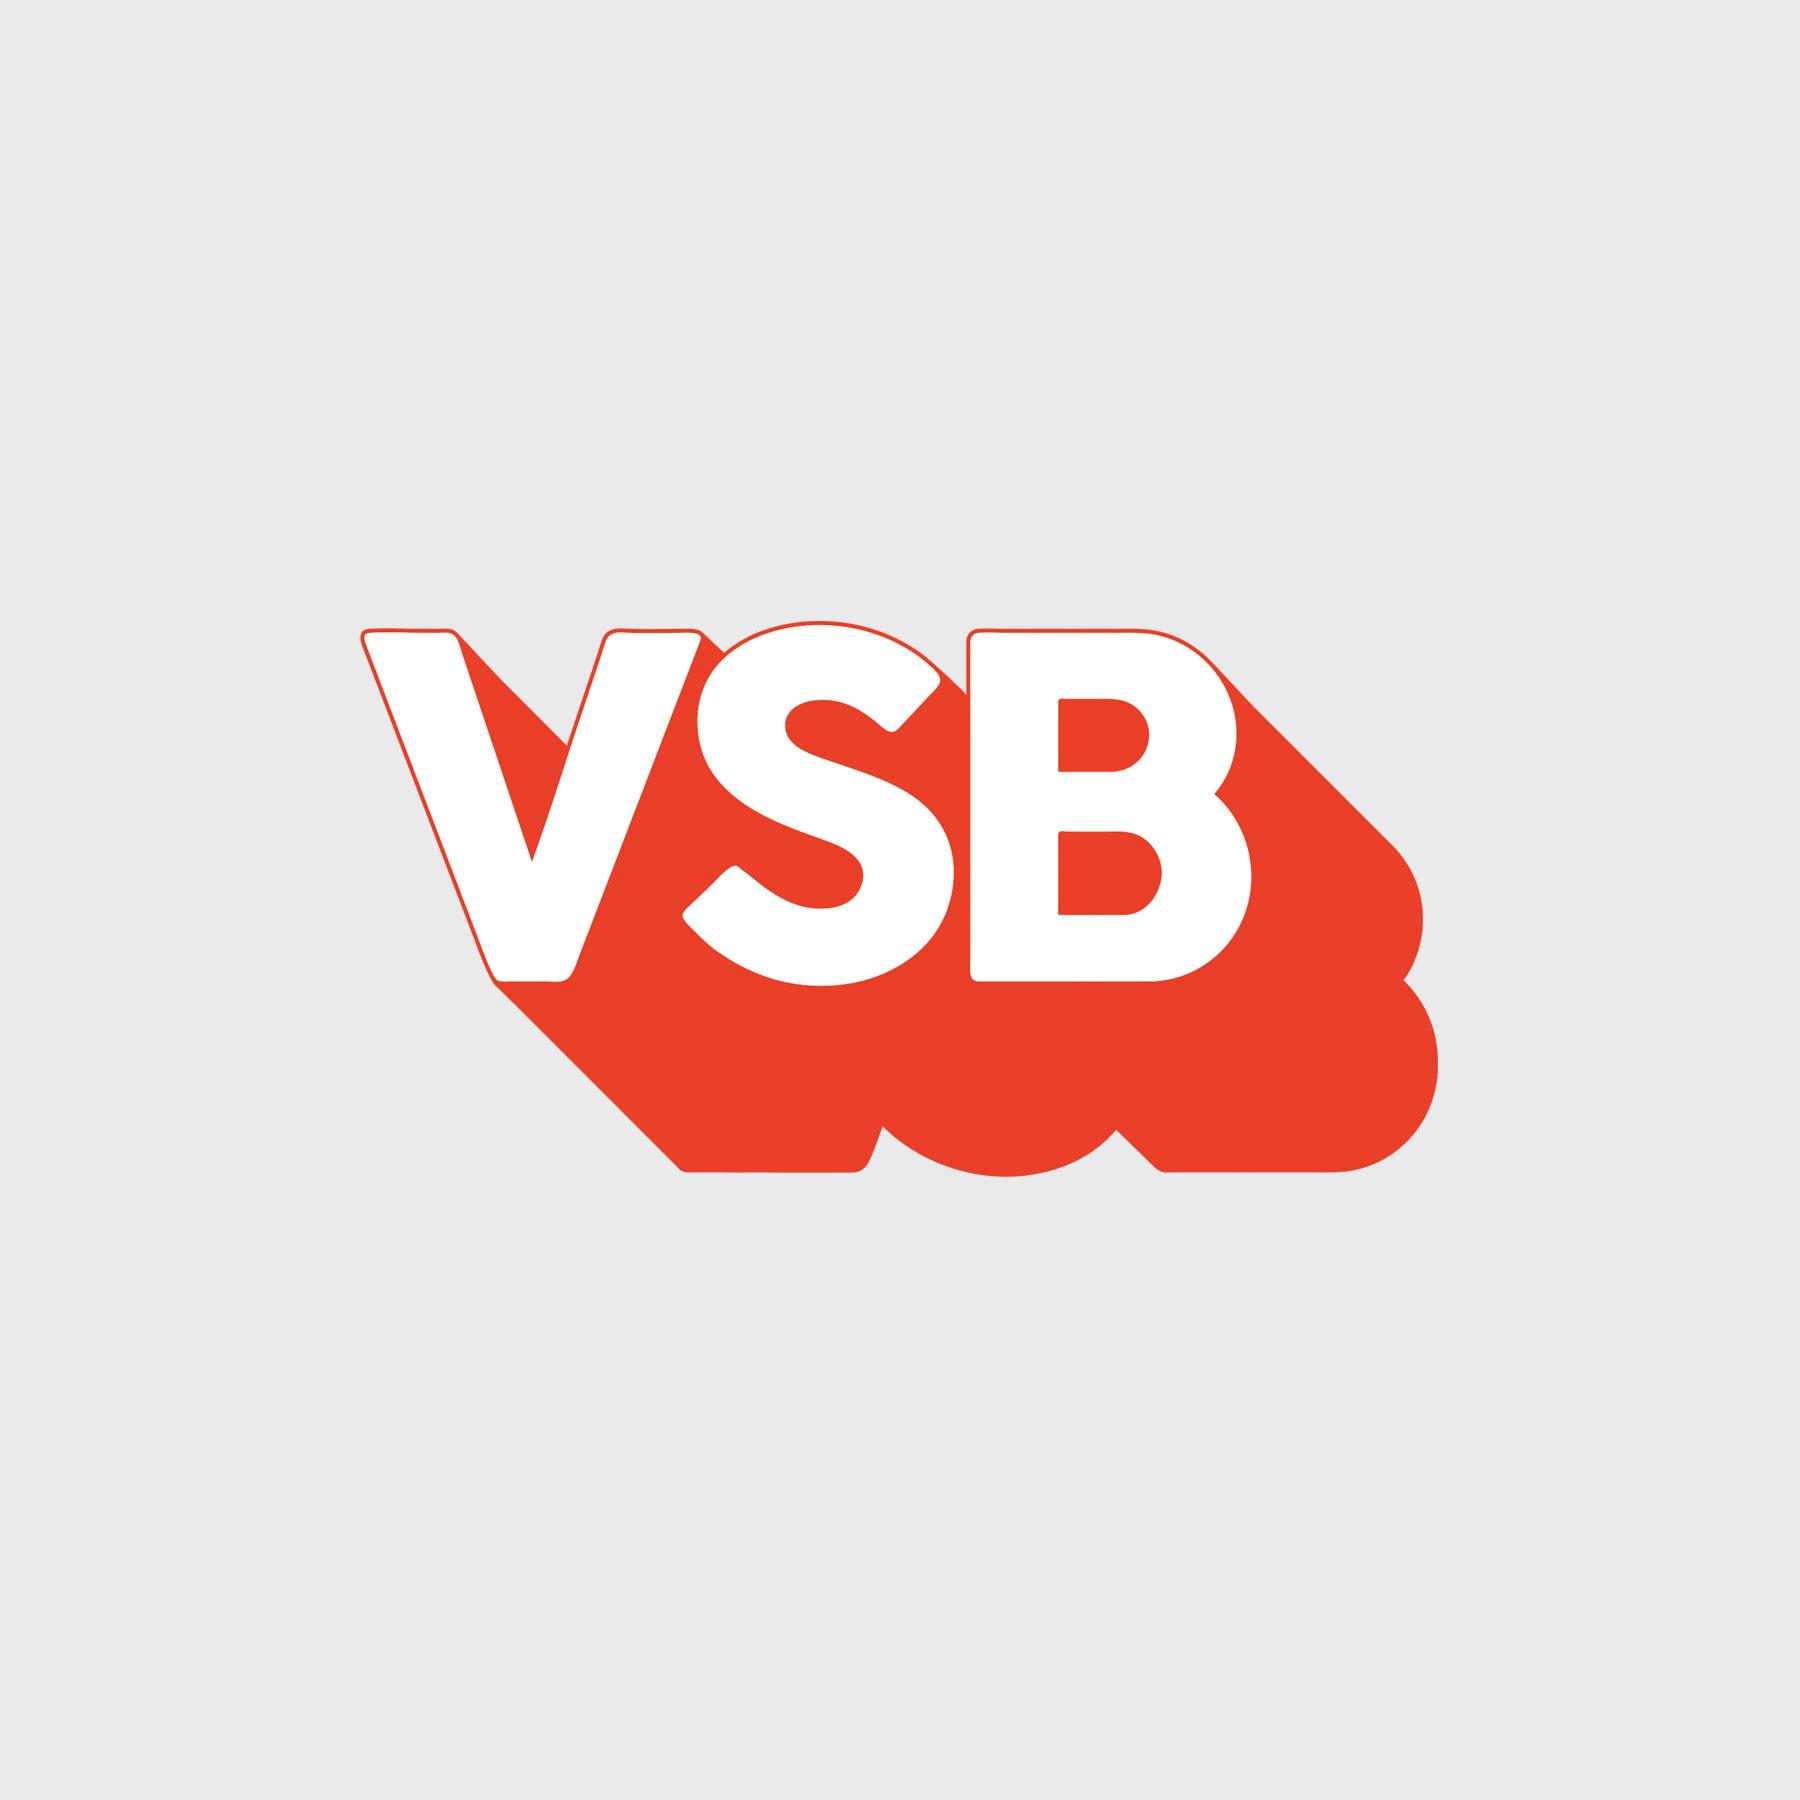 VSB logo